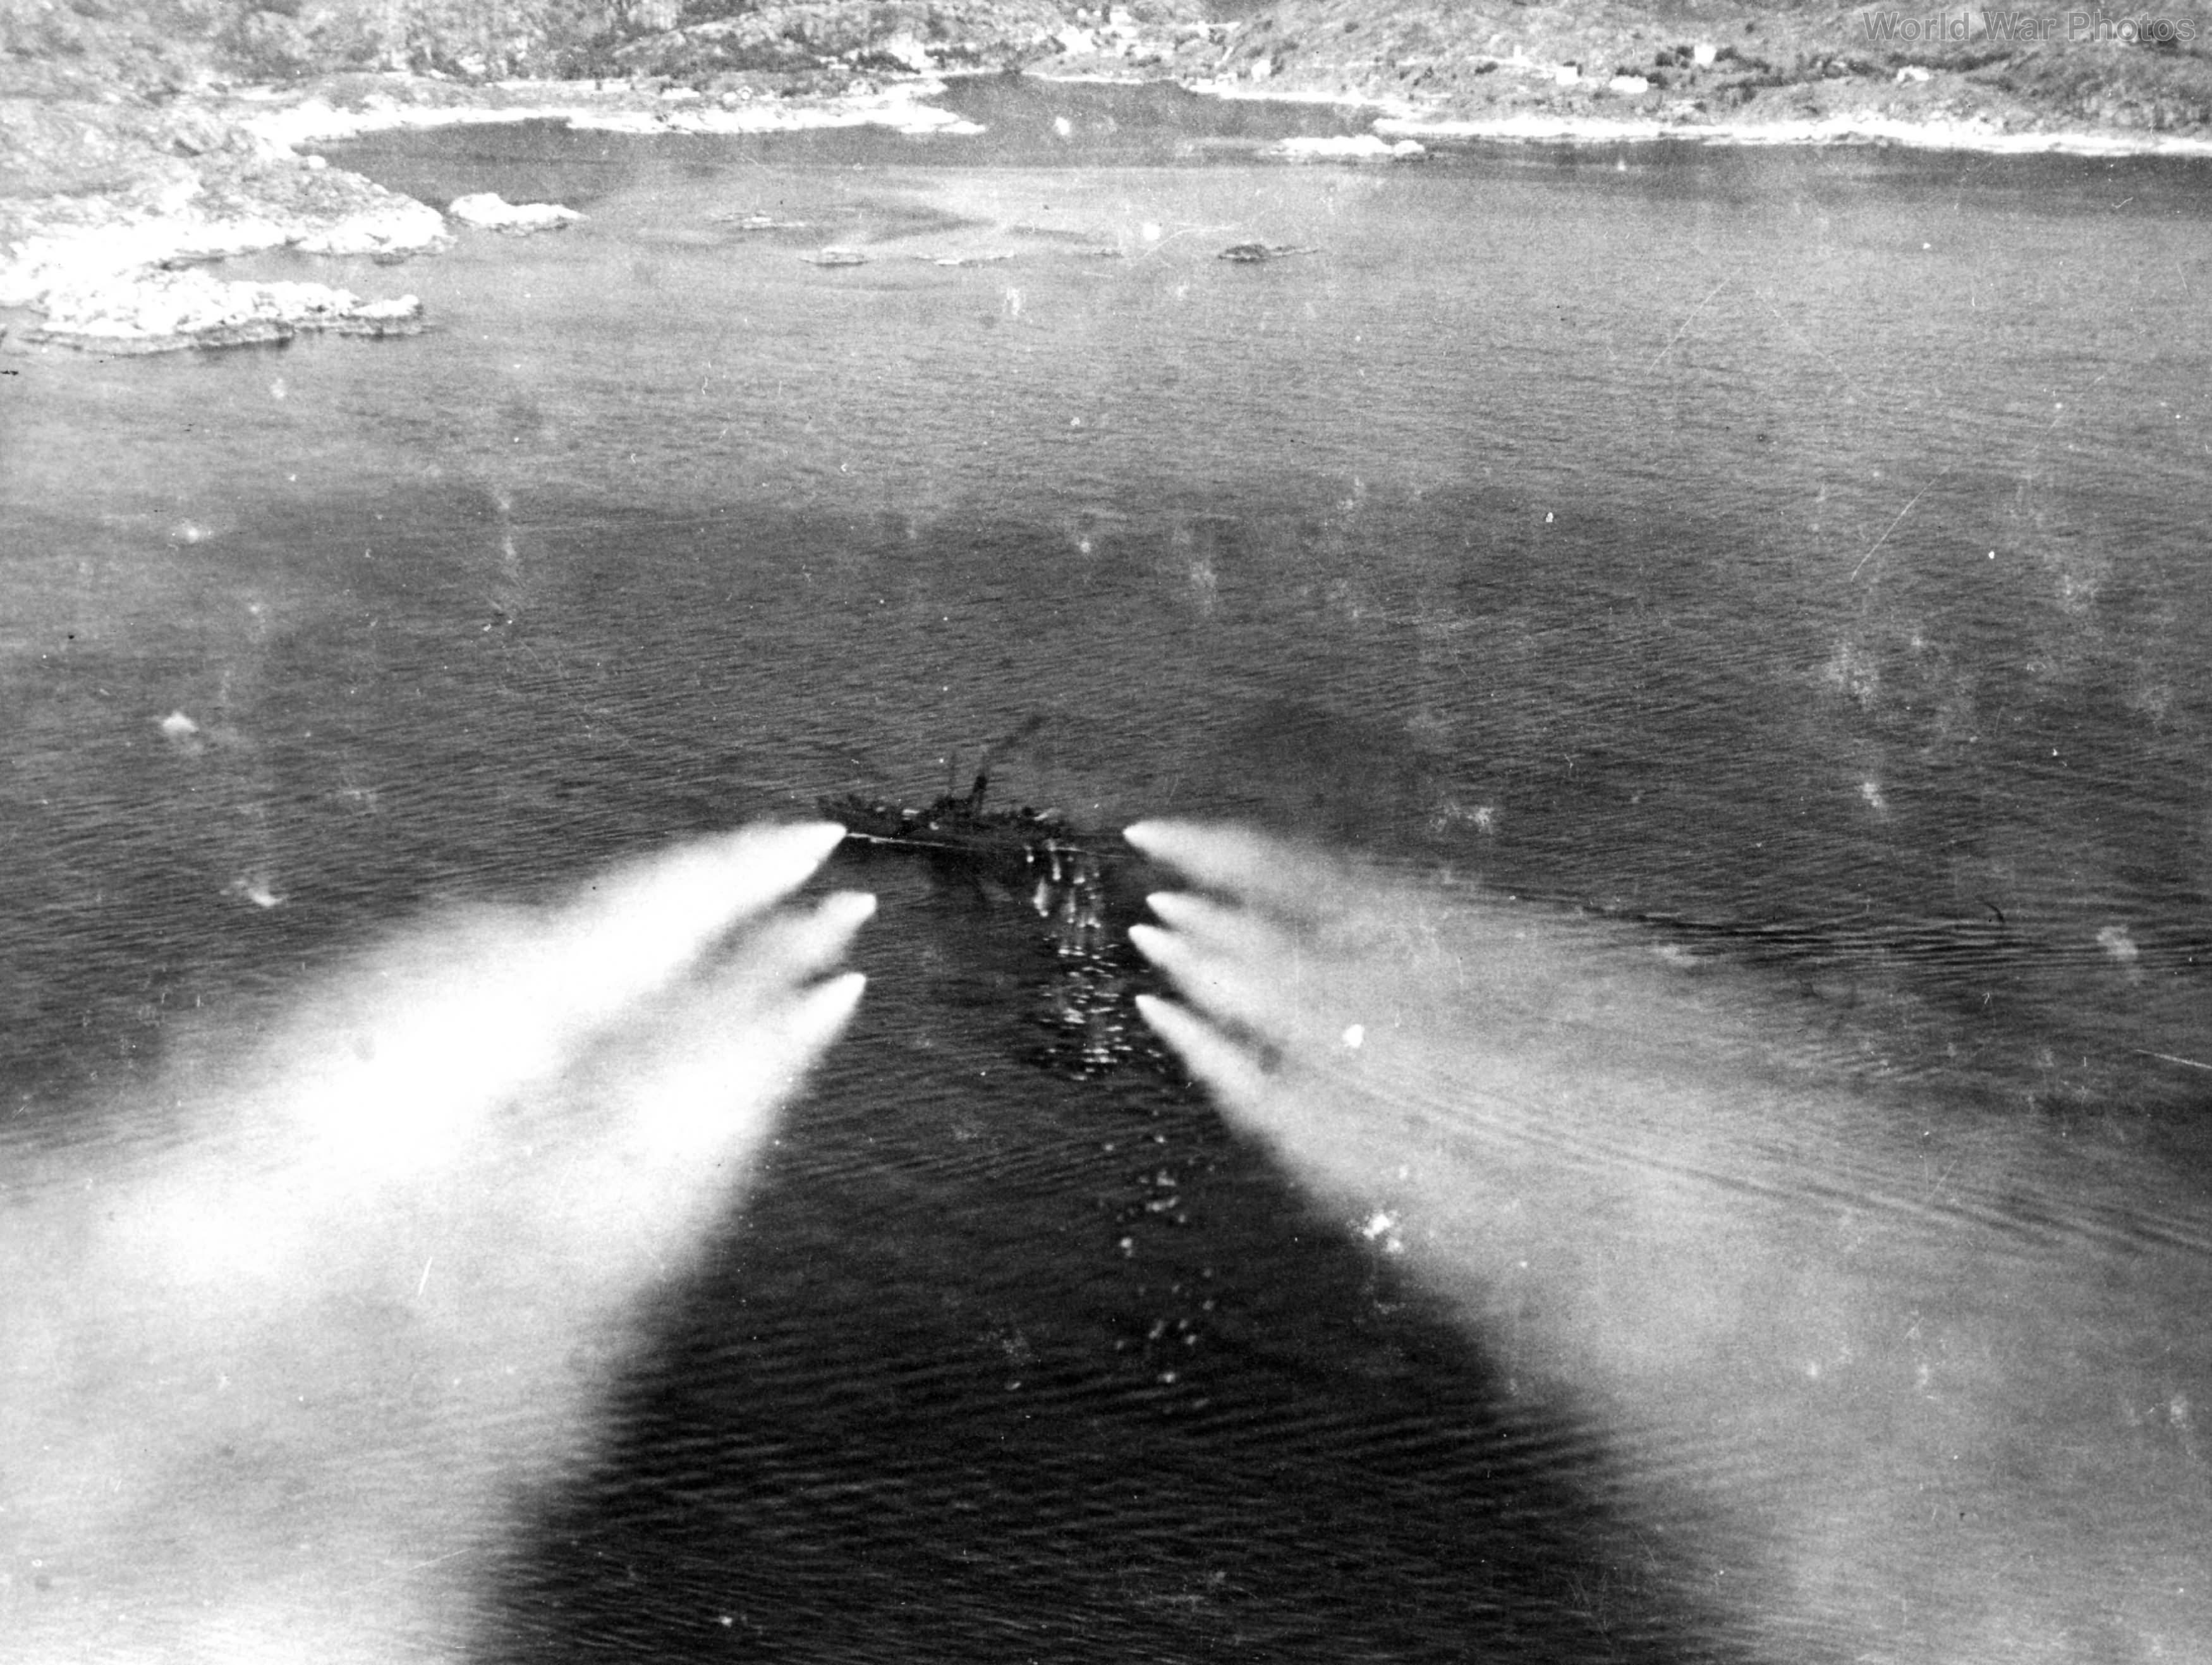 Beaufighter fires a salvo of rockets